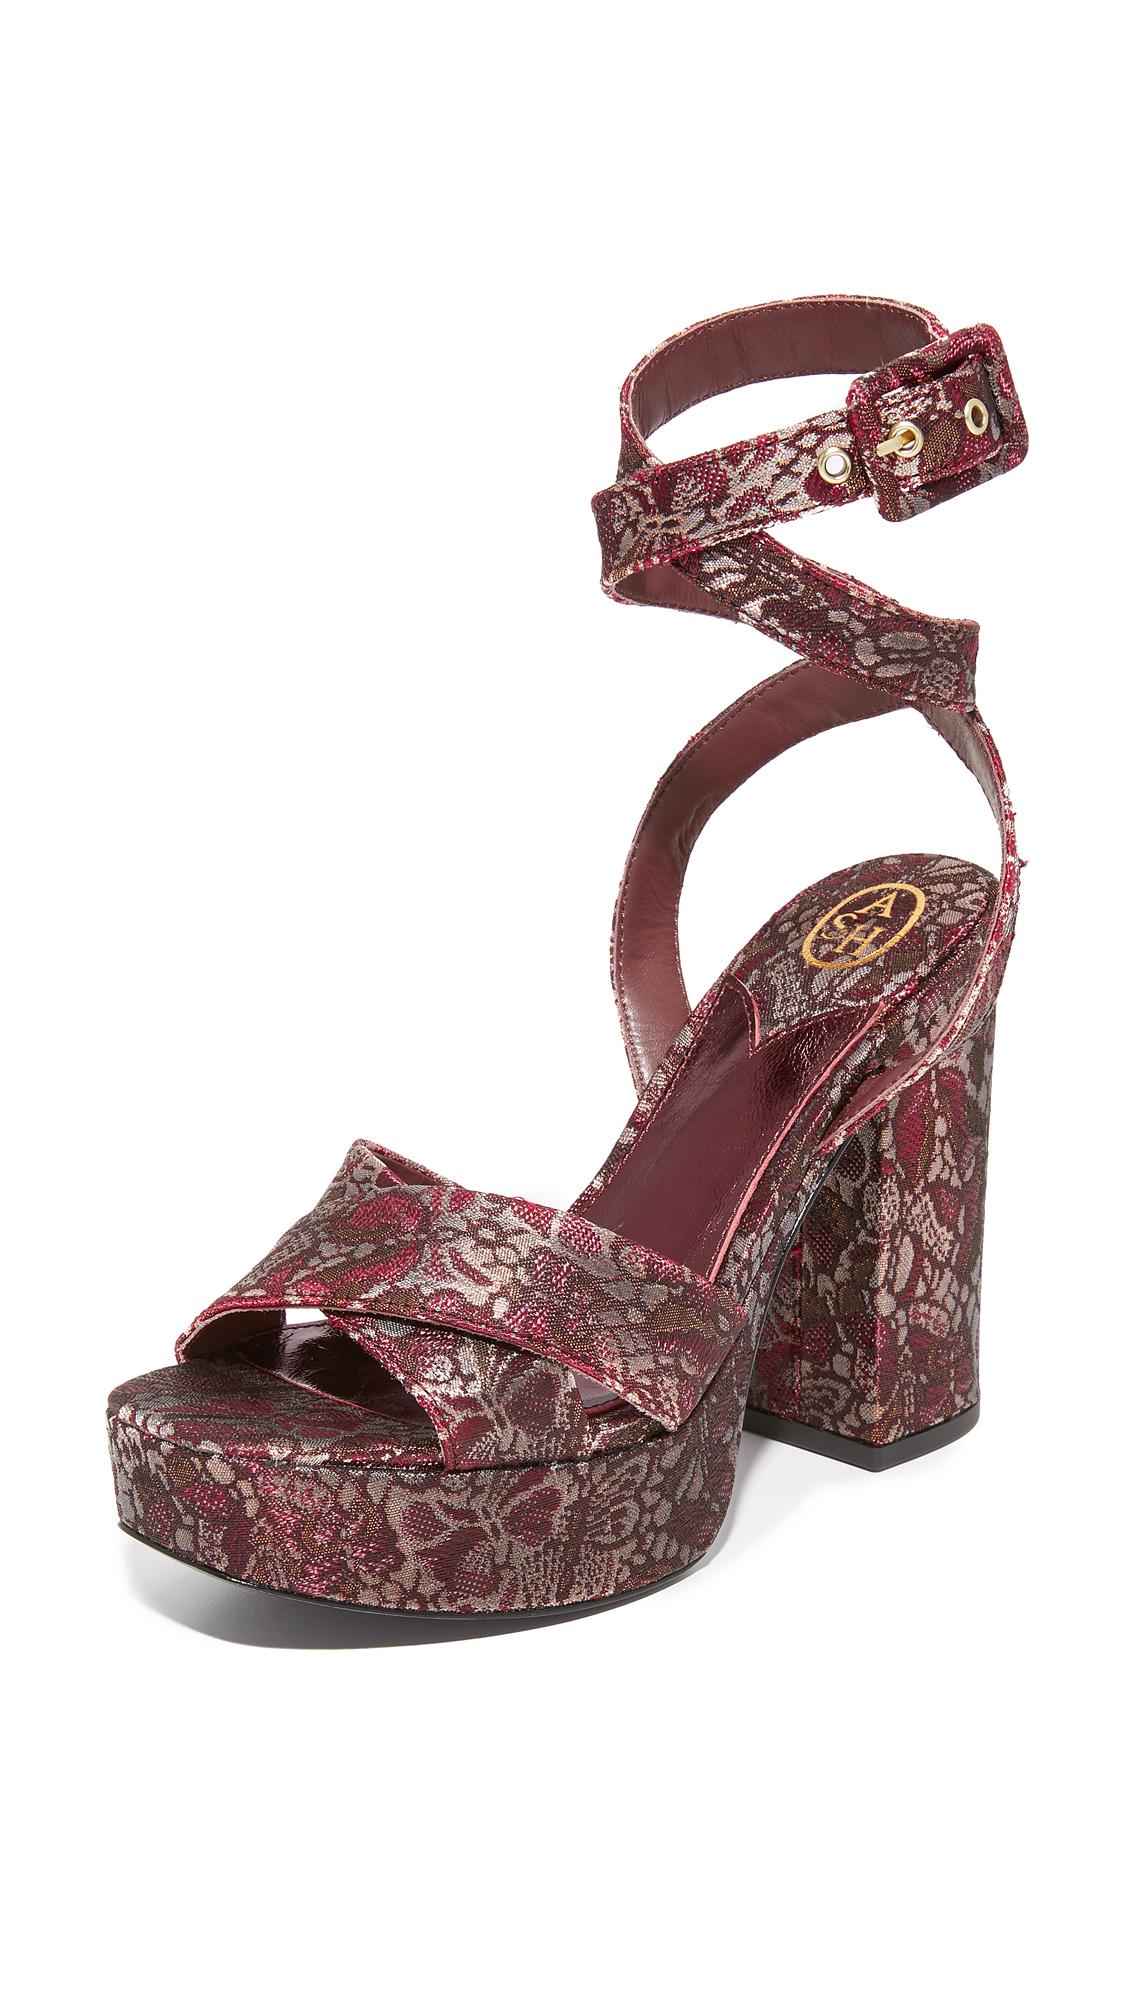 Ash Boom Platform Sandals - Bordeaux